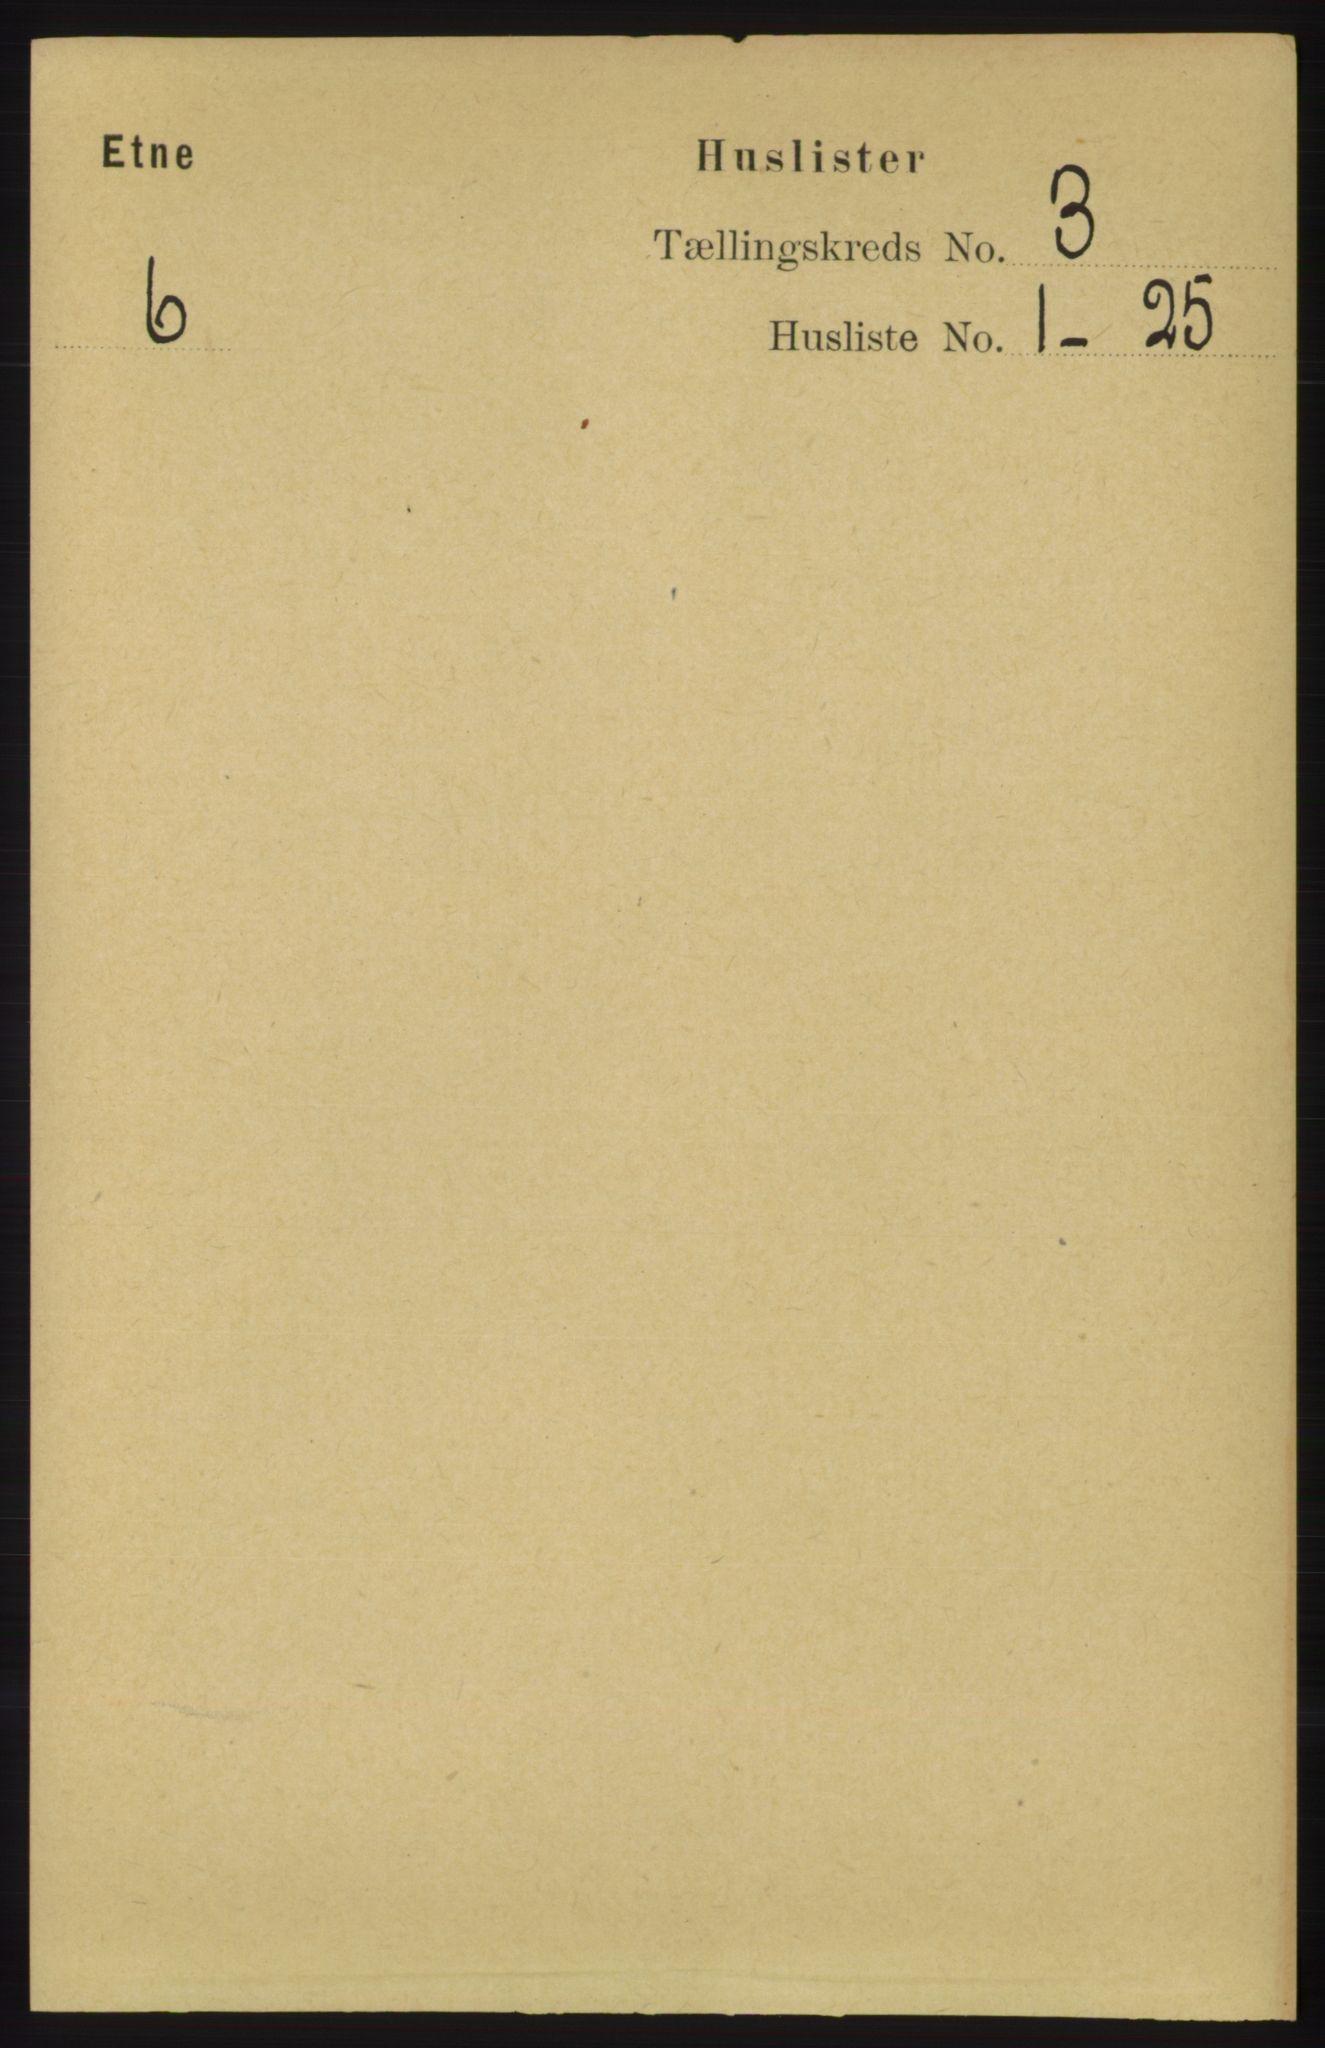 RA, Folketelling 1891 for 1211 Etne herred, 1891, s. 662